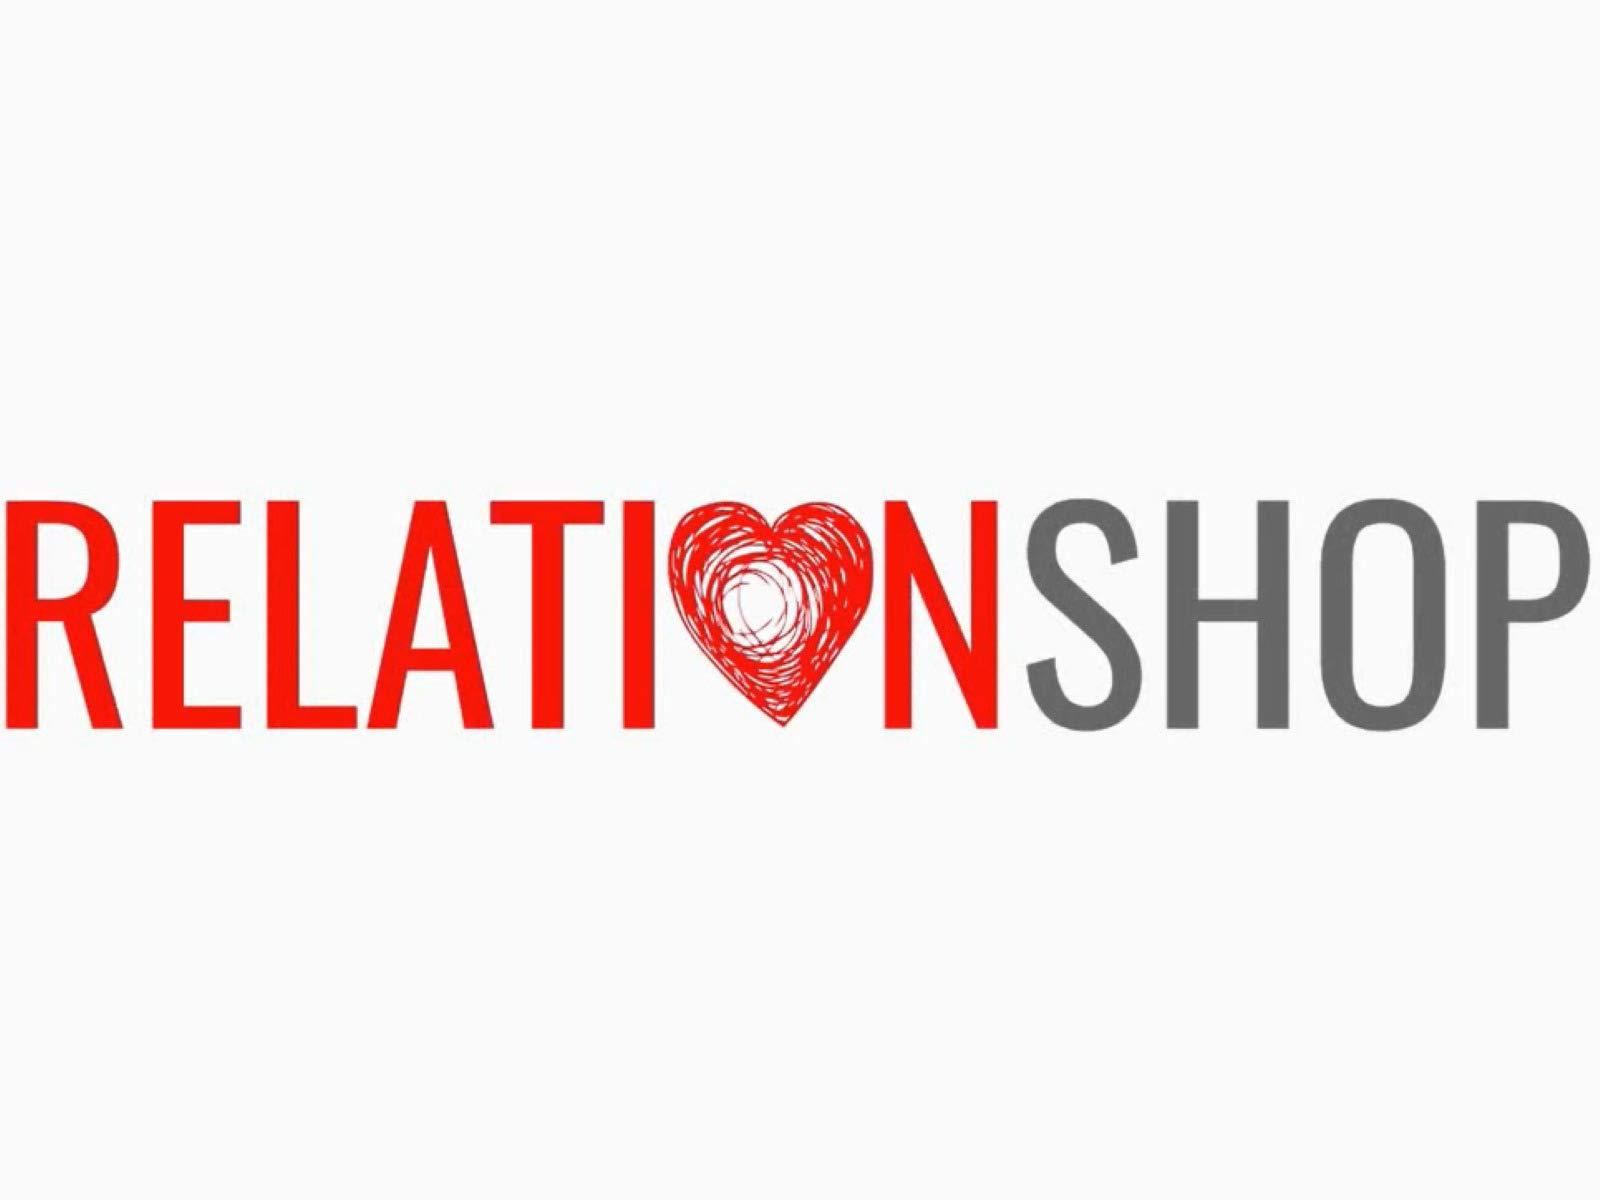 Relationshop